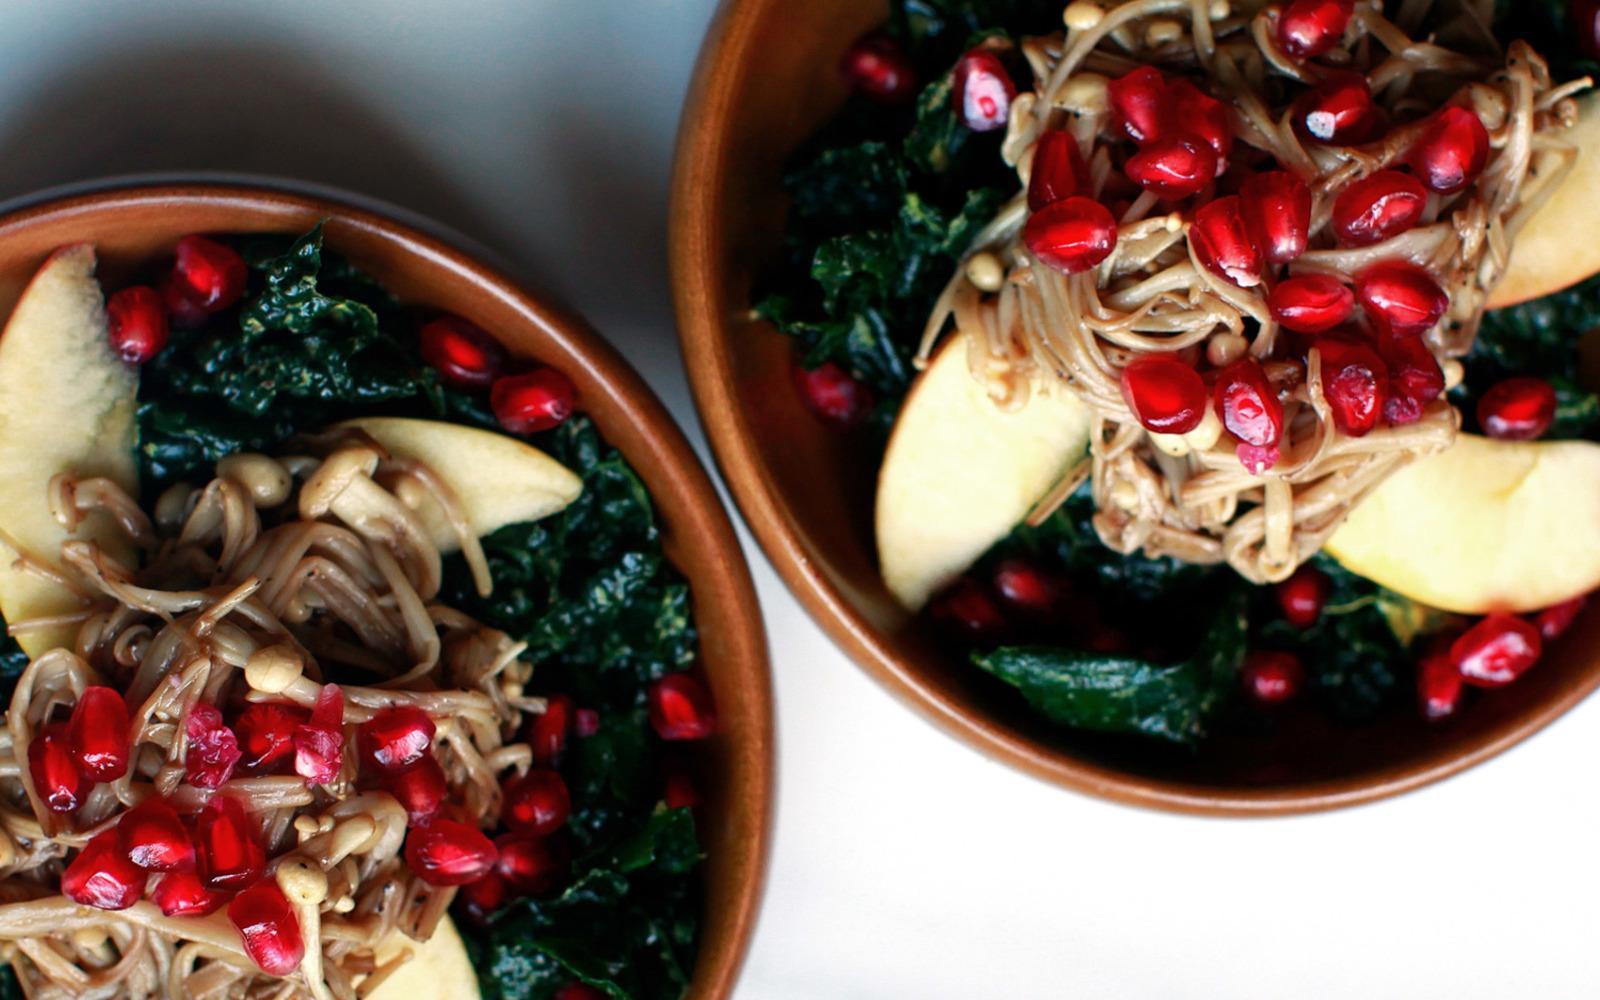 Kale and Enoki Mushroom Salad